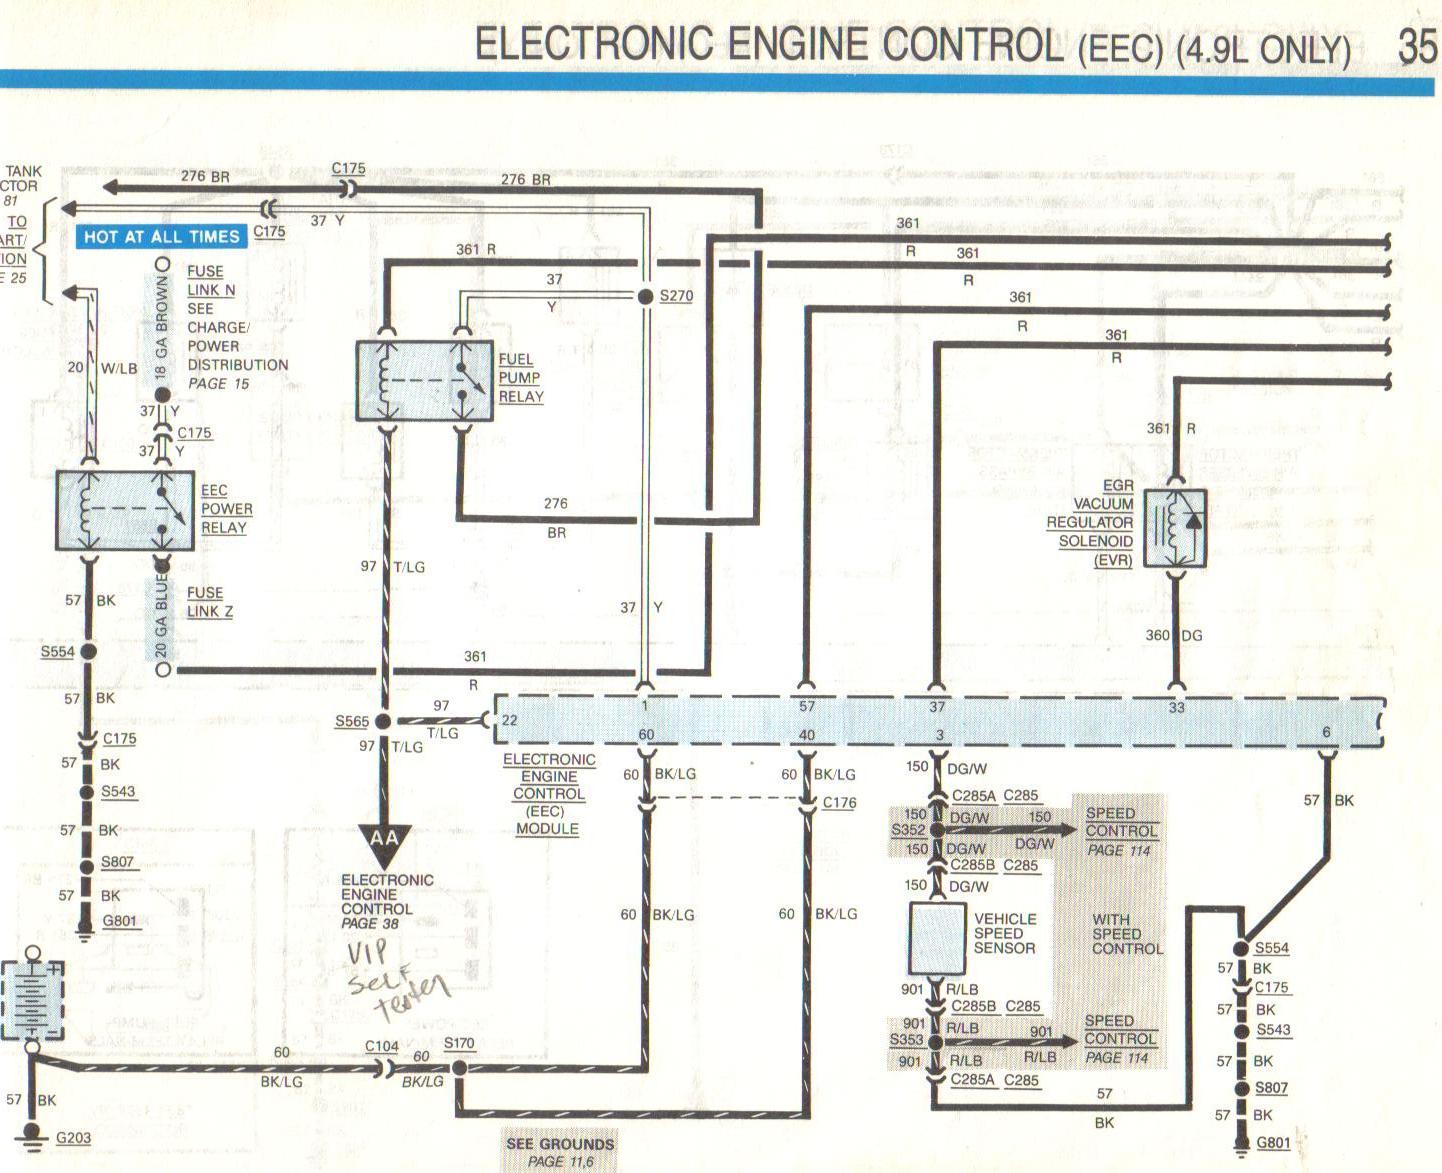 Injector Problem On 1988 F150  4 9 Ltr Efi  2wd  It Ran